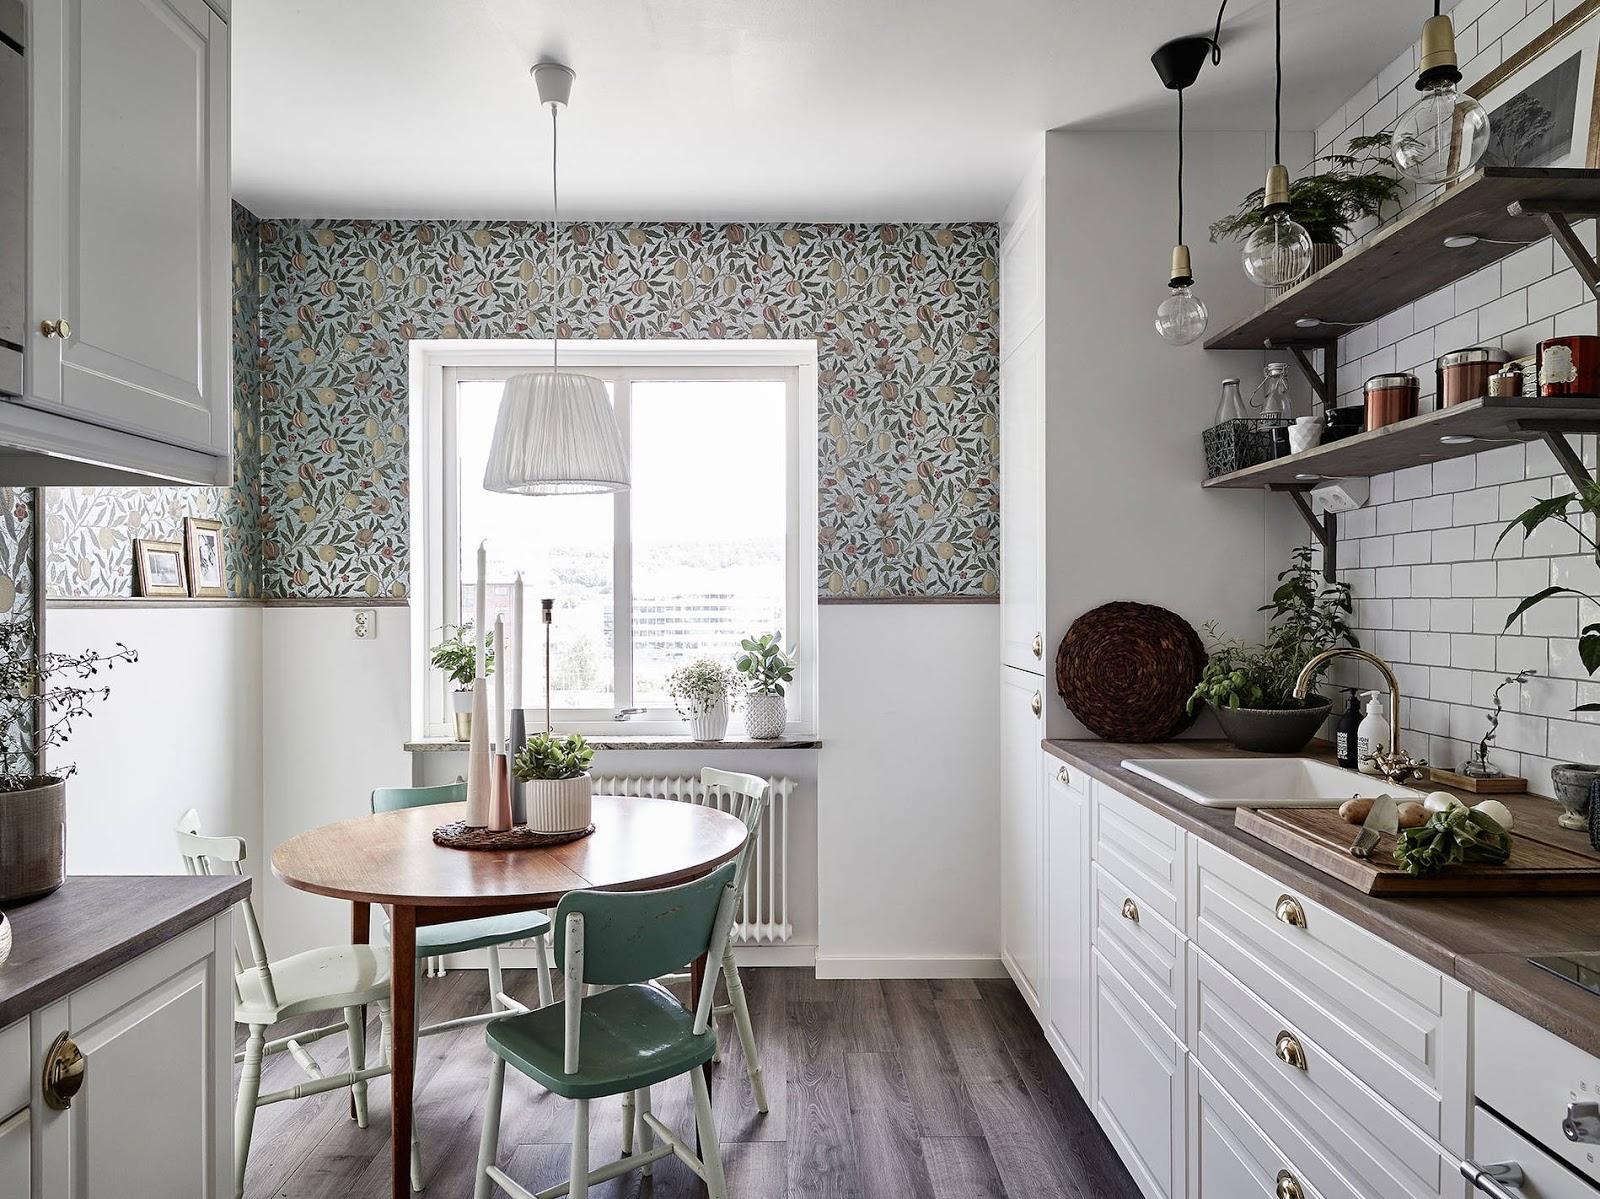 Pani Króliczek Inspiracje Mieszkanie z piękną kuchnią 62 -> Inspiracje Domowe Kuchnia